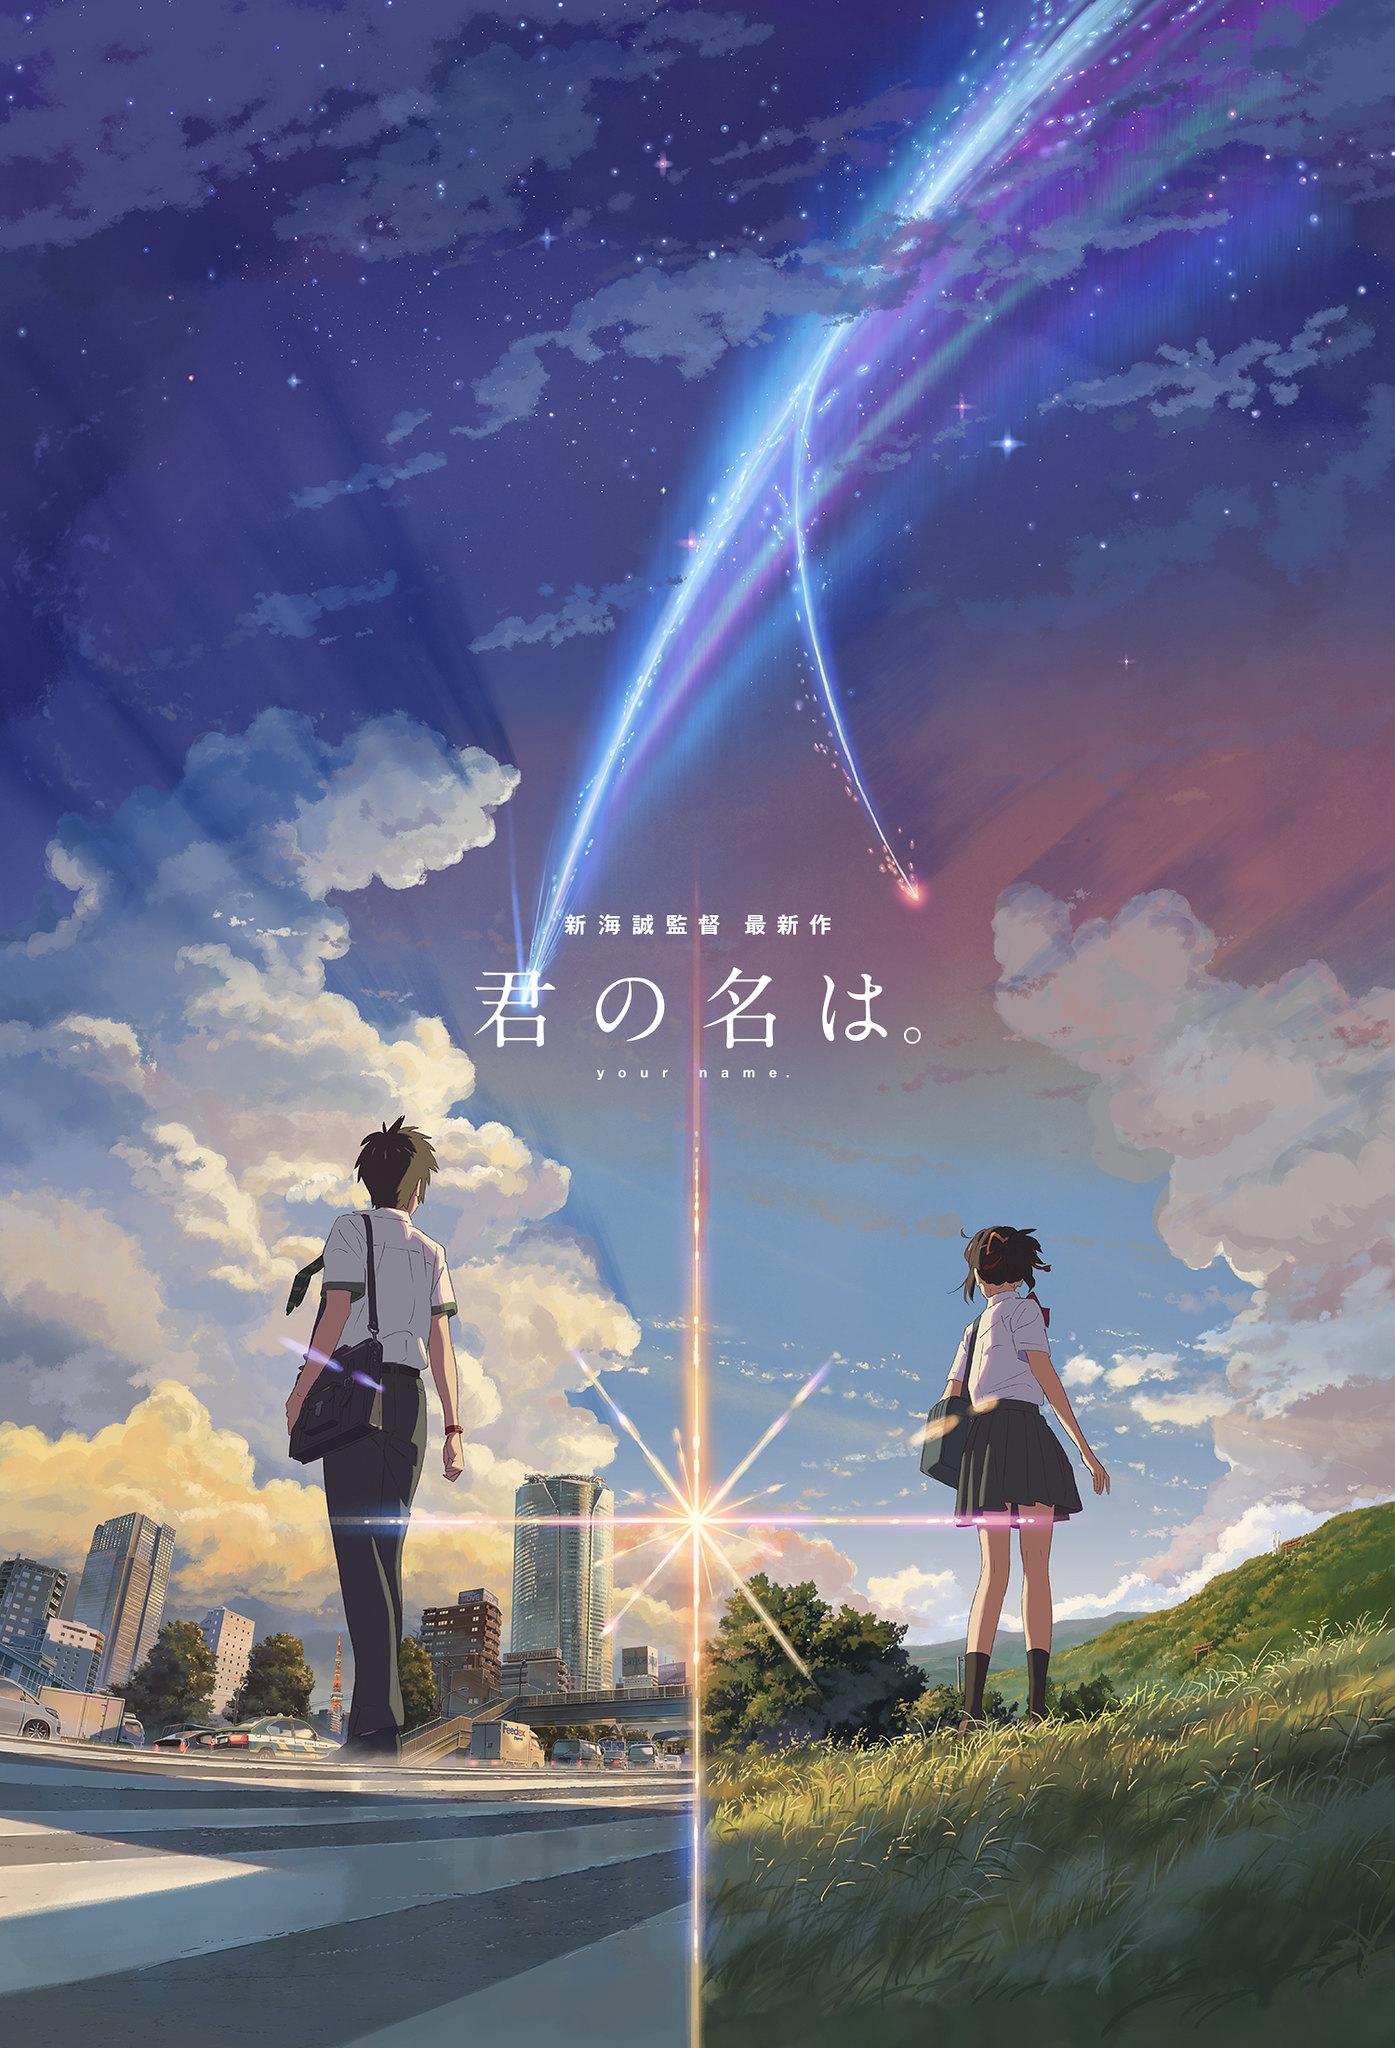 151211(2) -「新海誠 監督 × 田中將賀 人物設計」夢幻組合、奇幻戀愛劇場版《君の名は。》2016年8月上映!